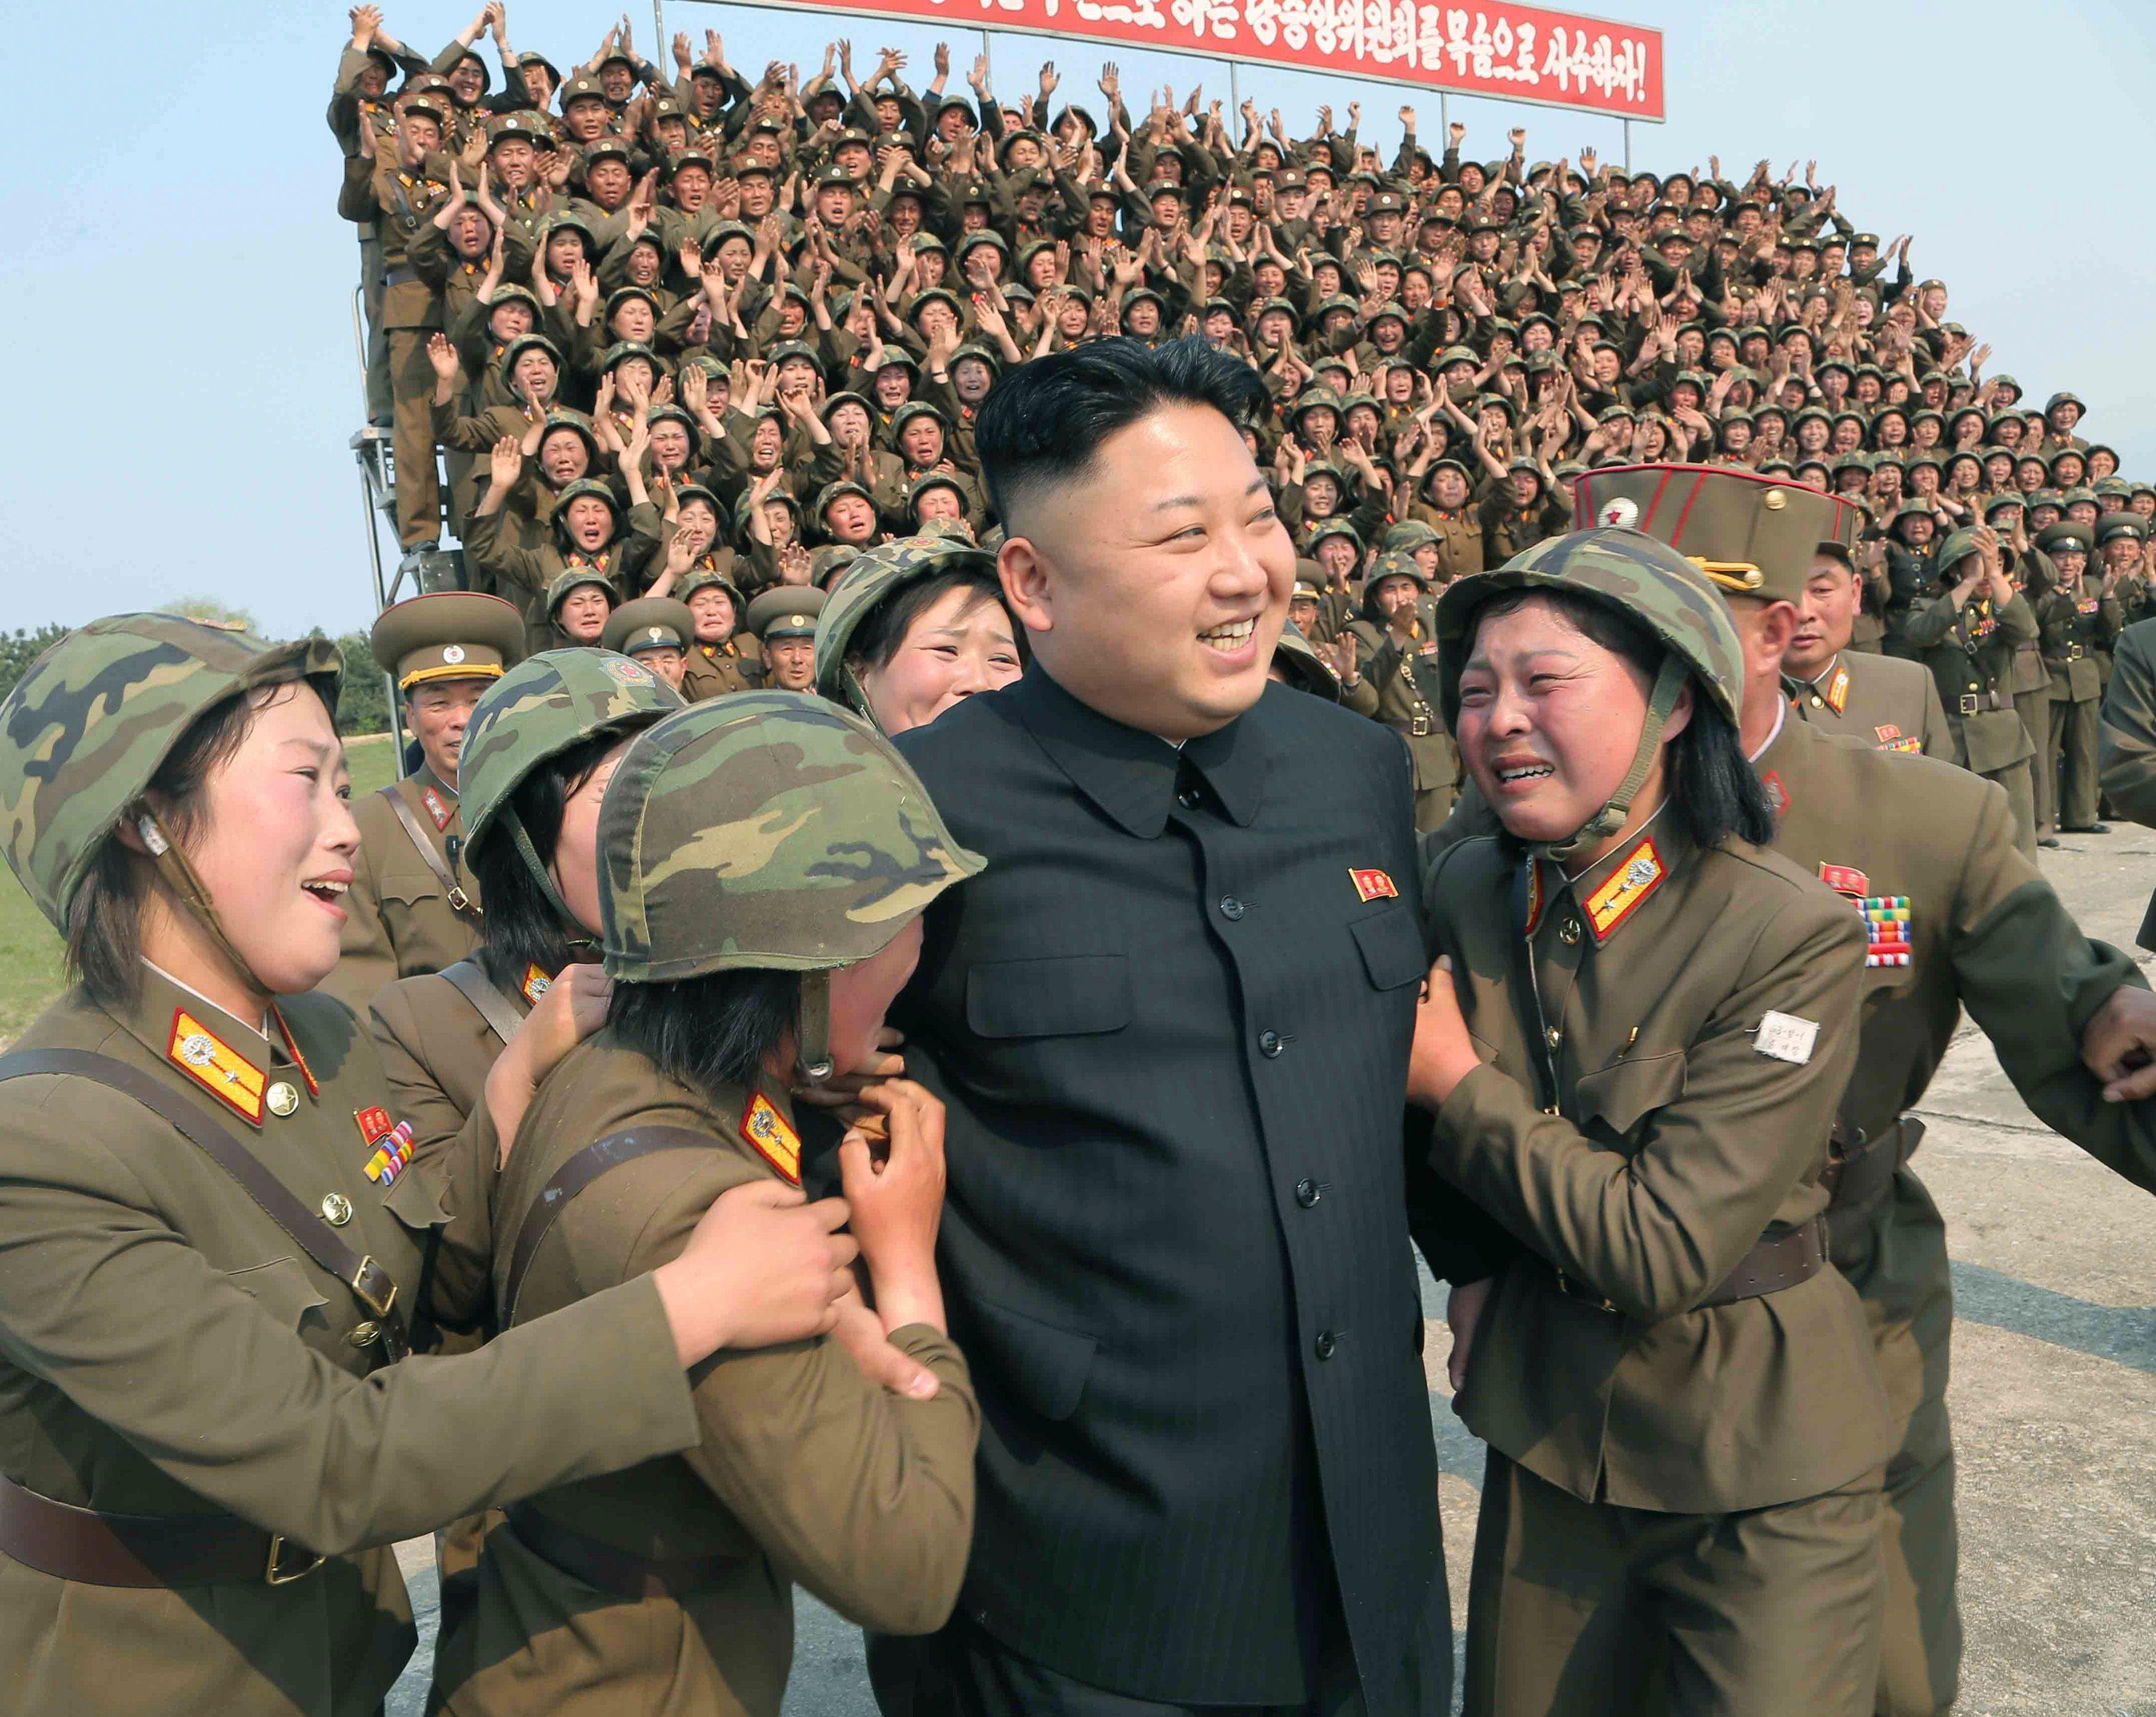 Suffit-il d'ignorer la Corée du Nord pour qu'elle disparaisse?